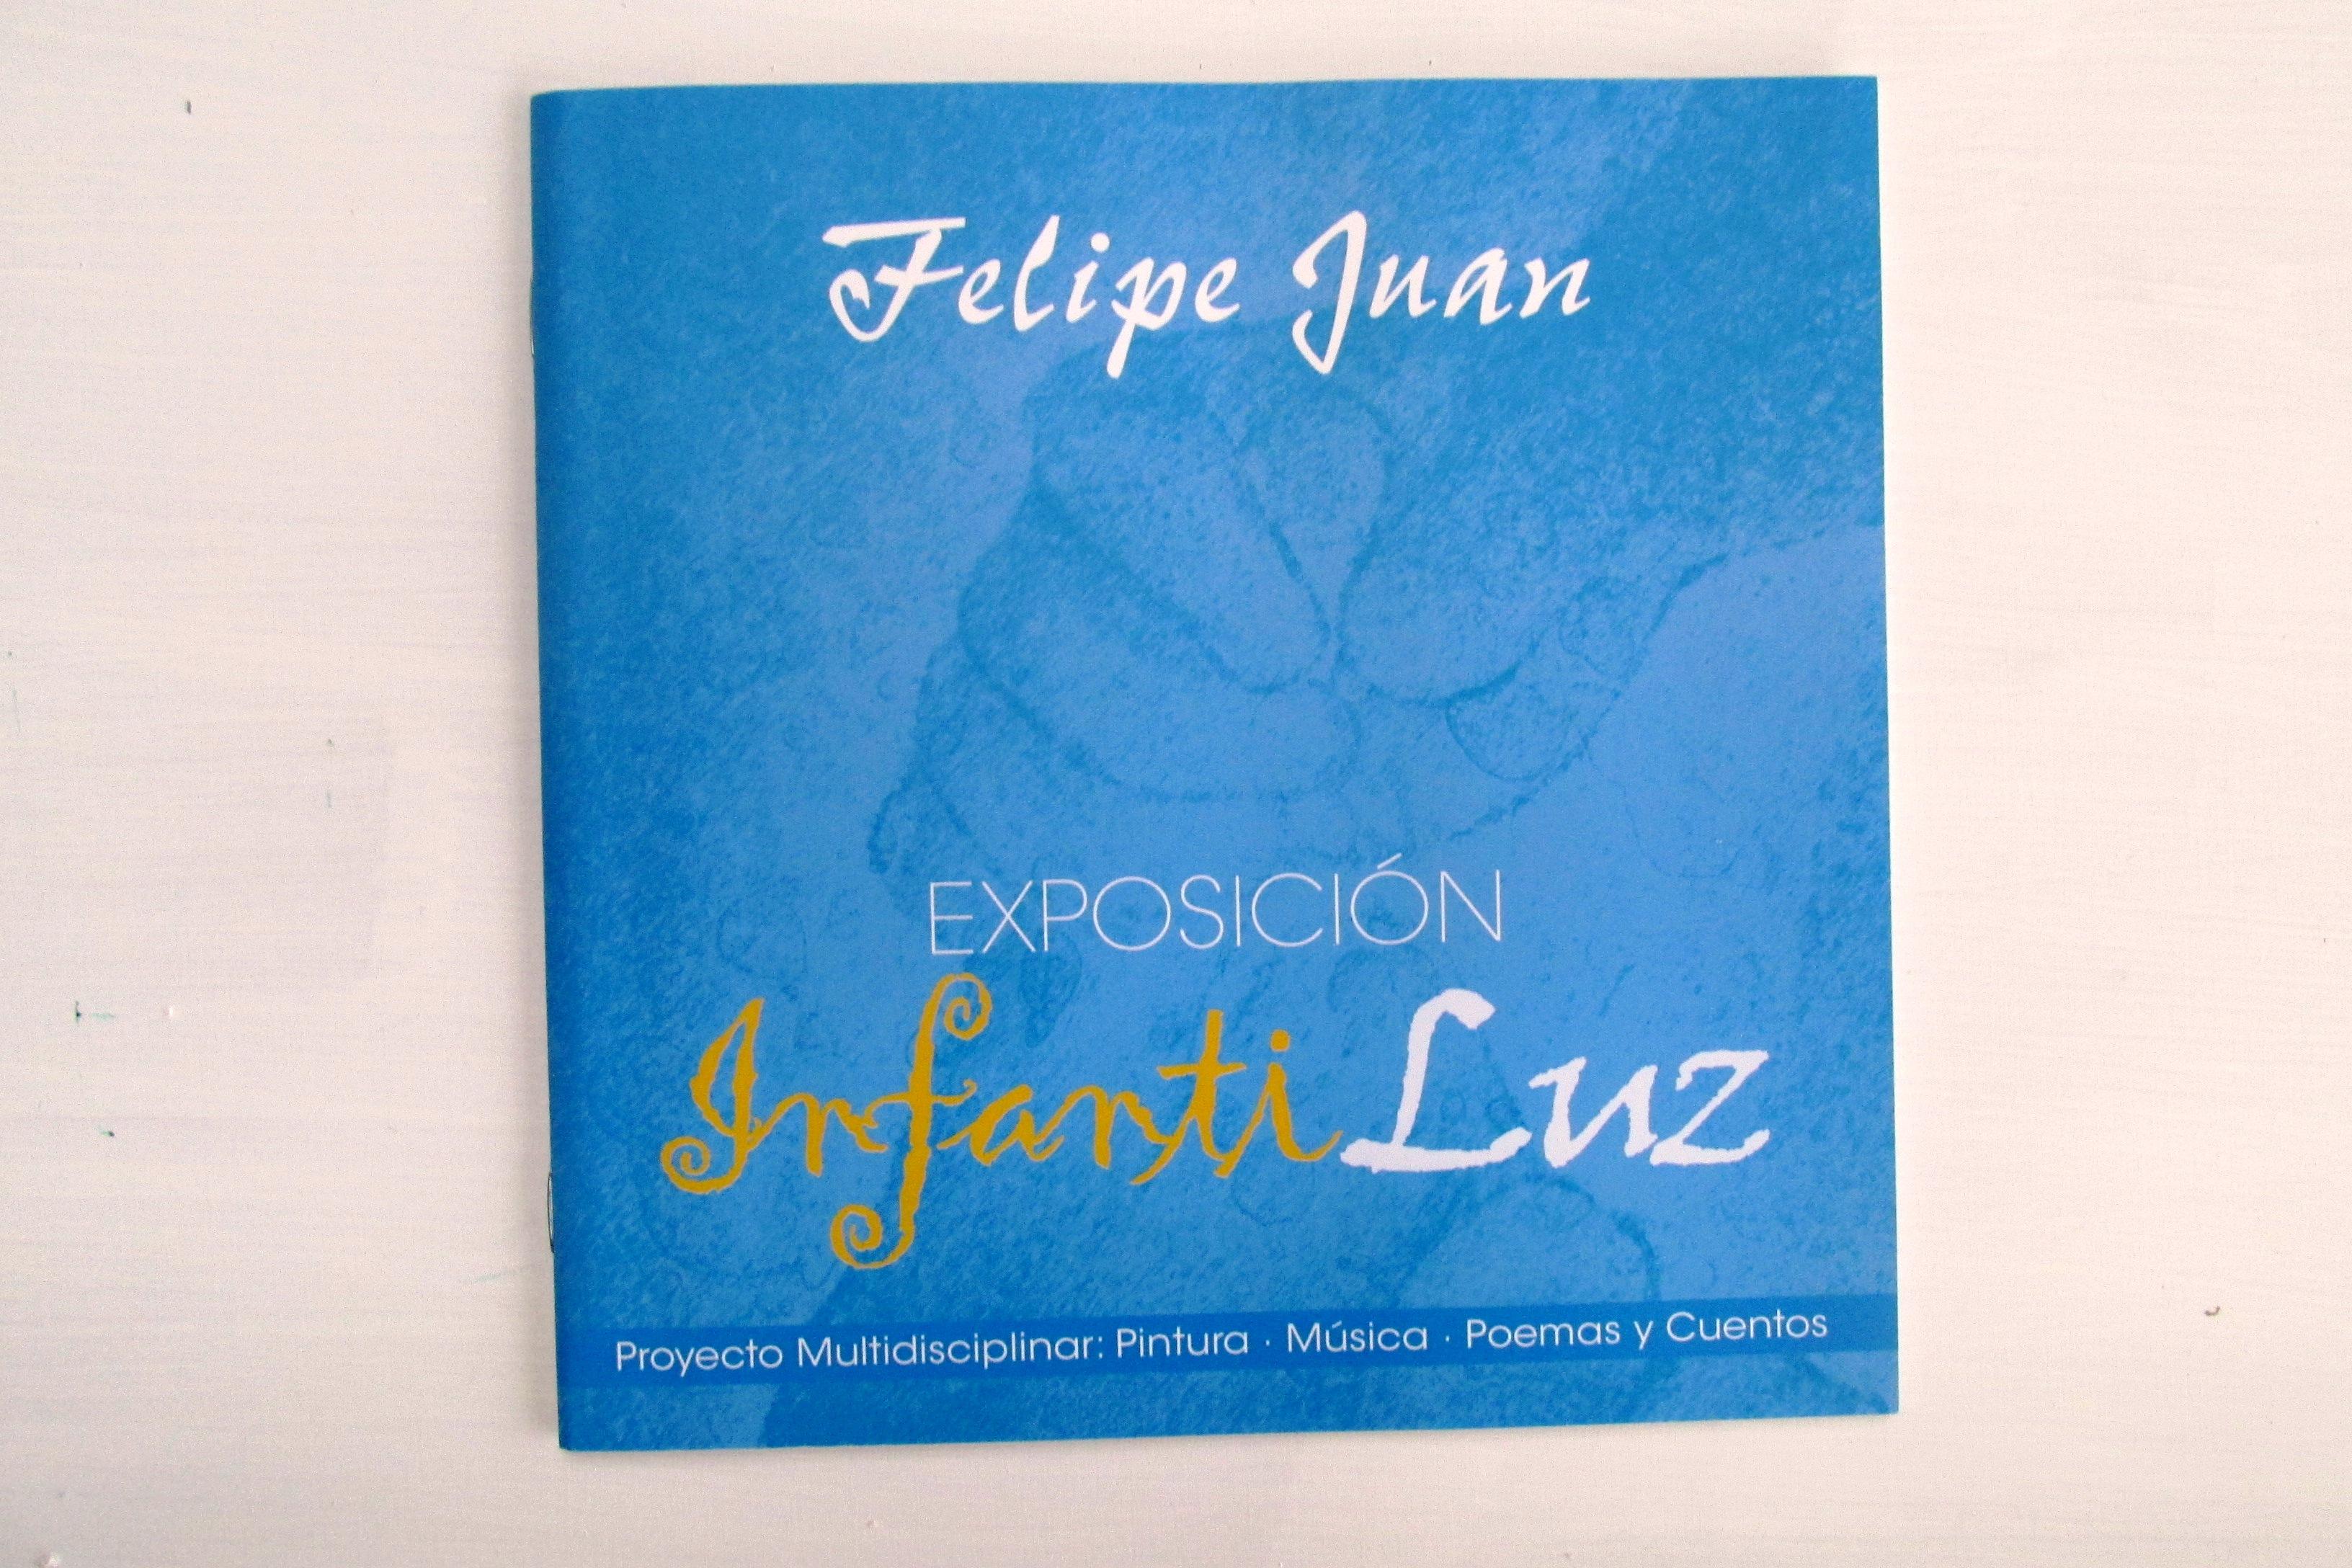 Catálogo InfantiLuz 2009